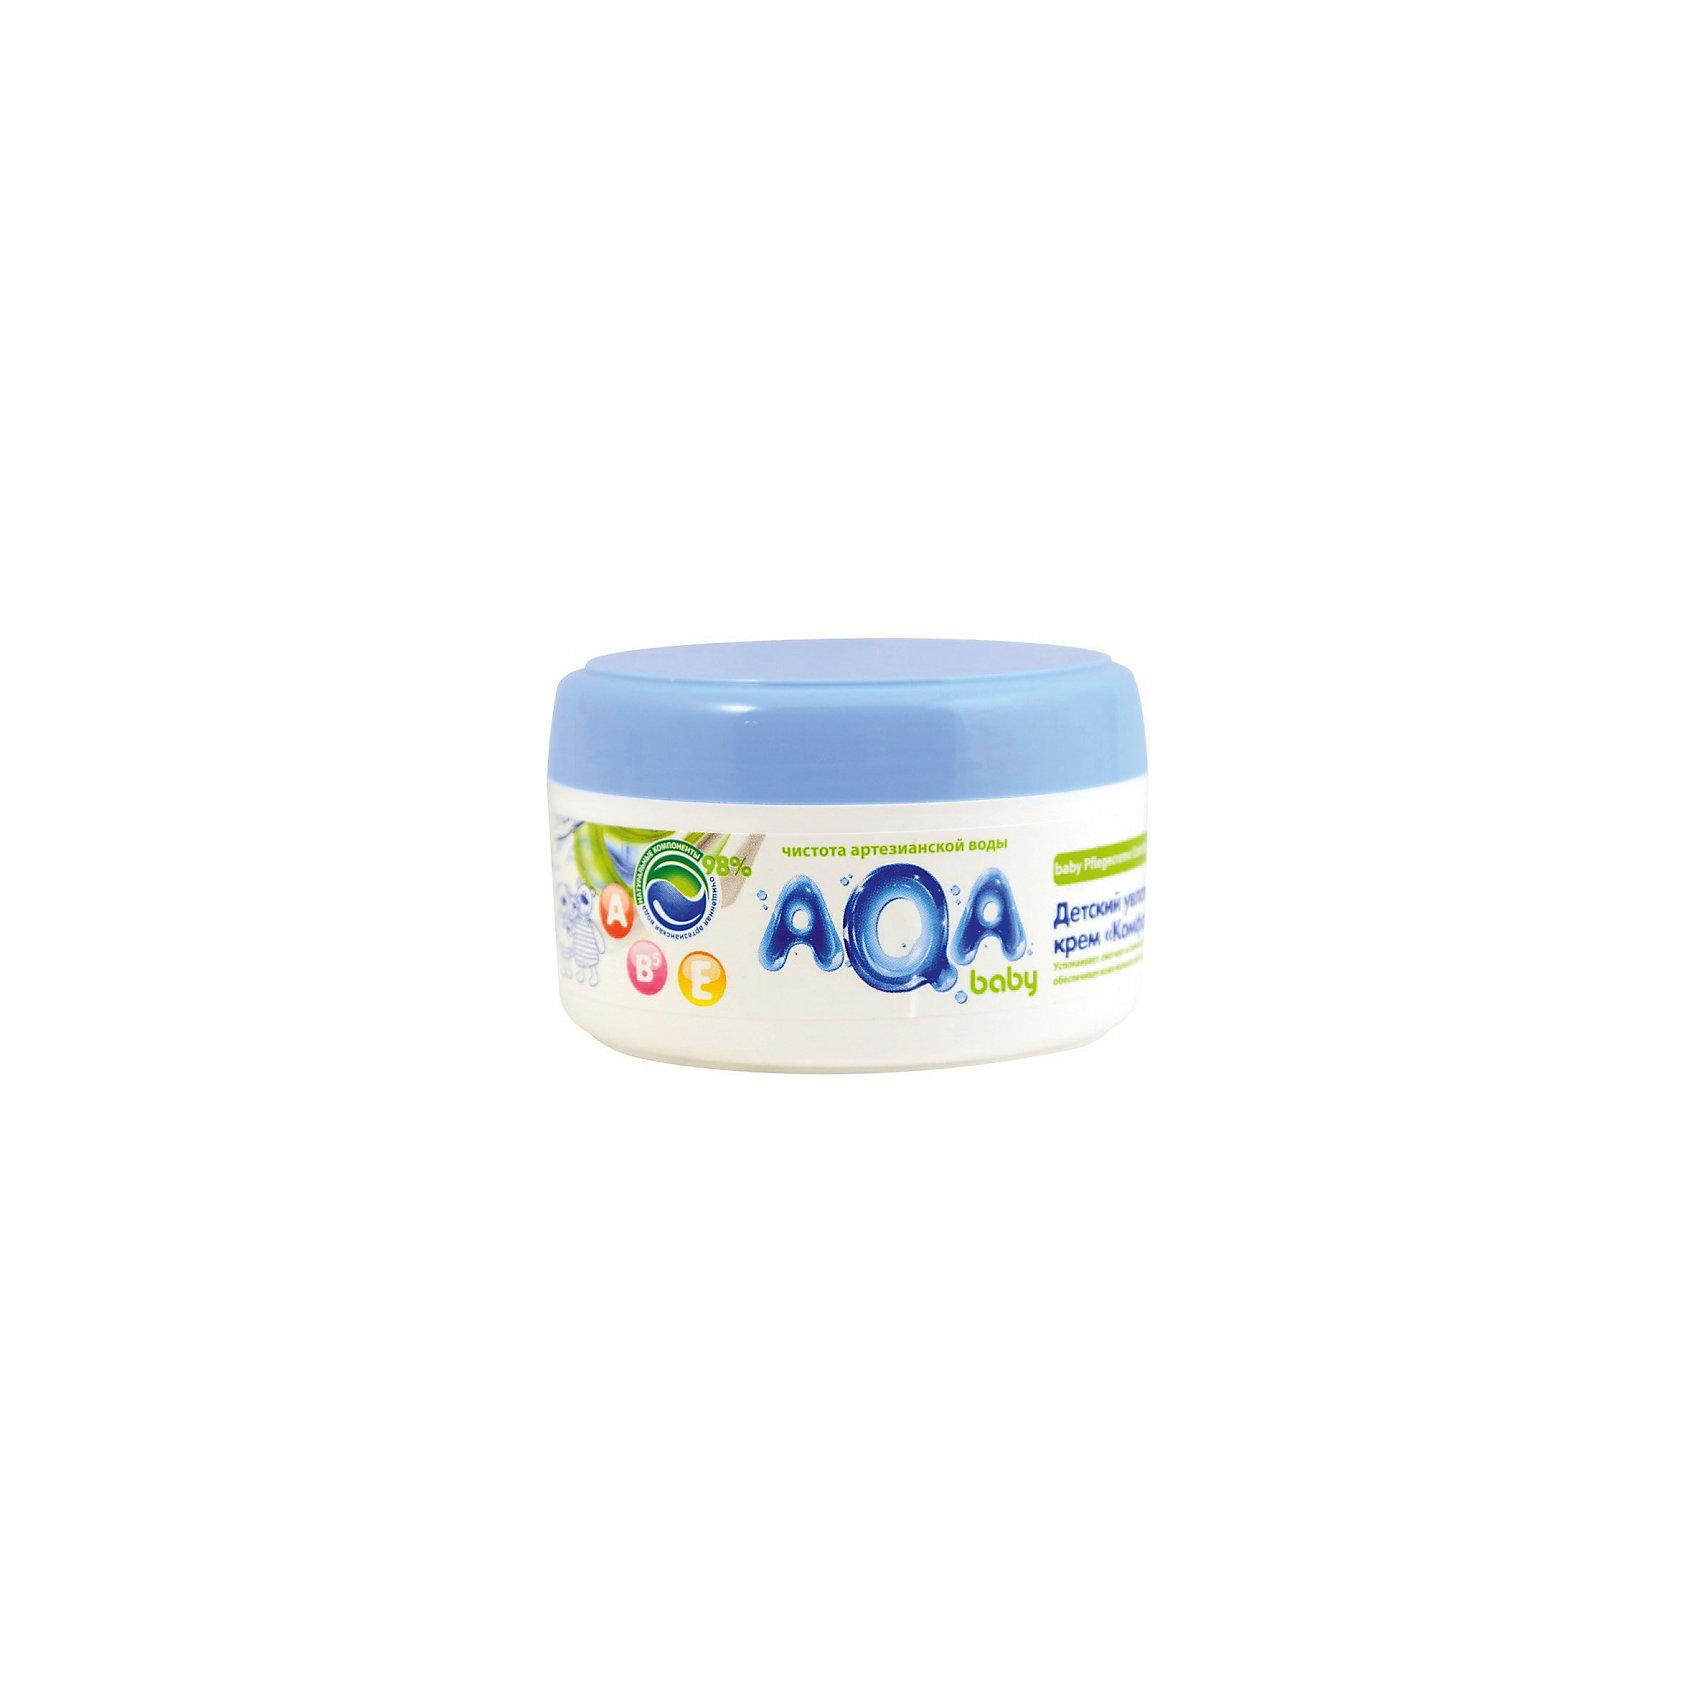 Детский увлажняющий крем Комфорт, AQA baby, 100 мл.Косметика для младнецев<br>AQA baby Детский увлажняющий крем Комфор крем идеален для ежедневного мягкого ухода за кожей крохи. Благодаря комбинации натурального масла подсолнечника с витаминами А, Е и В5 крем успокаивает, смягчает и снимает раздражение кожи. <br><br>Формула крема разработана на основе чистой артезианской воды и на 98% состоит из натуральных компонентов. Применение крема доставляет истинное наслаждение и комфортное ощущение нежной коже, средство легко наносится и полностью впитывается, не оставляя жирной пленки.<br><br>Особенности:<br>Подходит с первых дней жизни.<br>Содержит 98% натуральных компонентов.<br>Комбинация масла подсолнечника с витаминами А, Е и В5.<br>Глубоко увлажняет кожу, питает и поддерживает защитную функцию кожи.<br>Гипоаллергенный состав, не содержится силиконов, парабенов, феноксиэтанола, хлоризотиазолинона, галогенопроизводных компонентов и продуктов нефтепереработки.<br>Клинически протестирован дерматологами.<br><br>Способ применения: нанести тонким слоем на чистую сухую кожу малыша. Нежными массажными движениями равномерно распределить крем по телу и дать впитаться.<br><br>Состав:Aqua, Helianthus Annuus (Sunflower) Seed Oil, Caprylic/Capric Triglyceride, Hexyldecanol (and) Hexyldecyl Laurate, Glycerin, Cetearyl Alcohol, Glyceryl Stearate, Oleyl Erucate, Propylene glycol (and) Decylene glycol (and) Methylisothiazolinone, Disodium Cetearyl Sulfosuccinate, Sodium Polyacrylate, D-Pantenol, Retinyl Palmitate, Tocopheryl Acetate, PEG-40 Hydrogenated Castor Oil, BHT, Citric Acid, Propylene Glycol, Disodium EDTA, Parfum.<br><br>Ширина мм: 143<br>Глубина мм: 500<br>Высота мм: 60<br>Вес г: 100<br>Возраст от месяцев: -2147483648<br>Возраст до месяцев: 2147483647<br>Пол: Унисекс<br>Возраст: Детский<br>SKU: 4729902